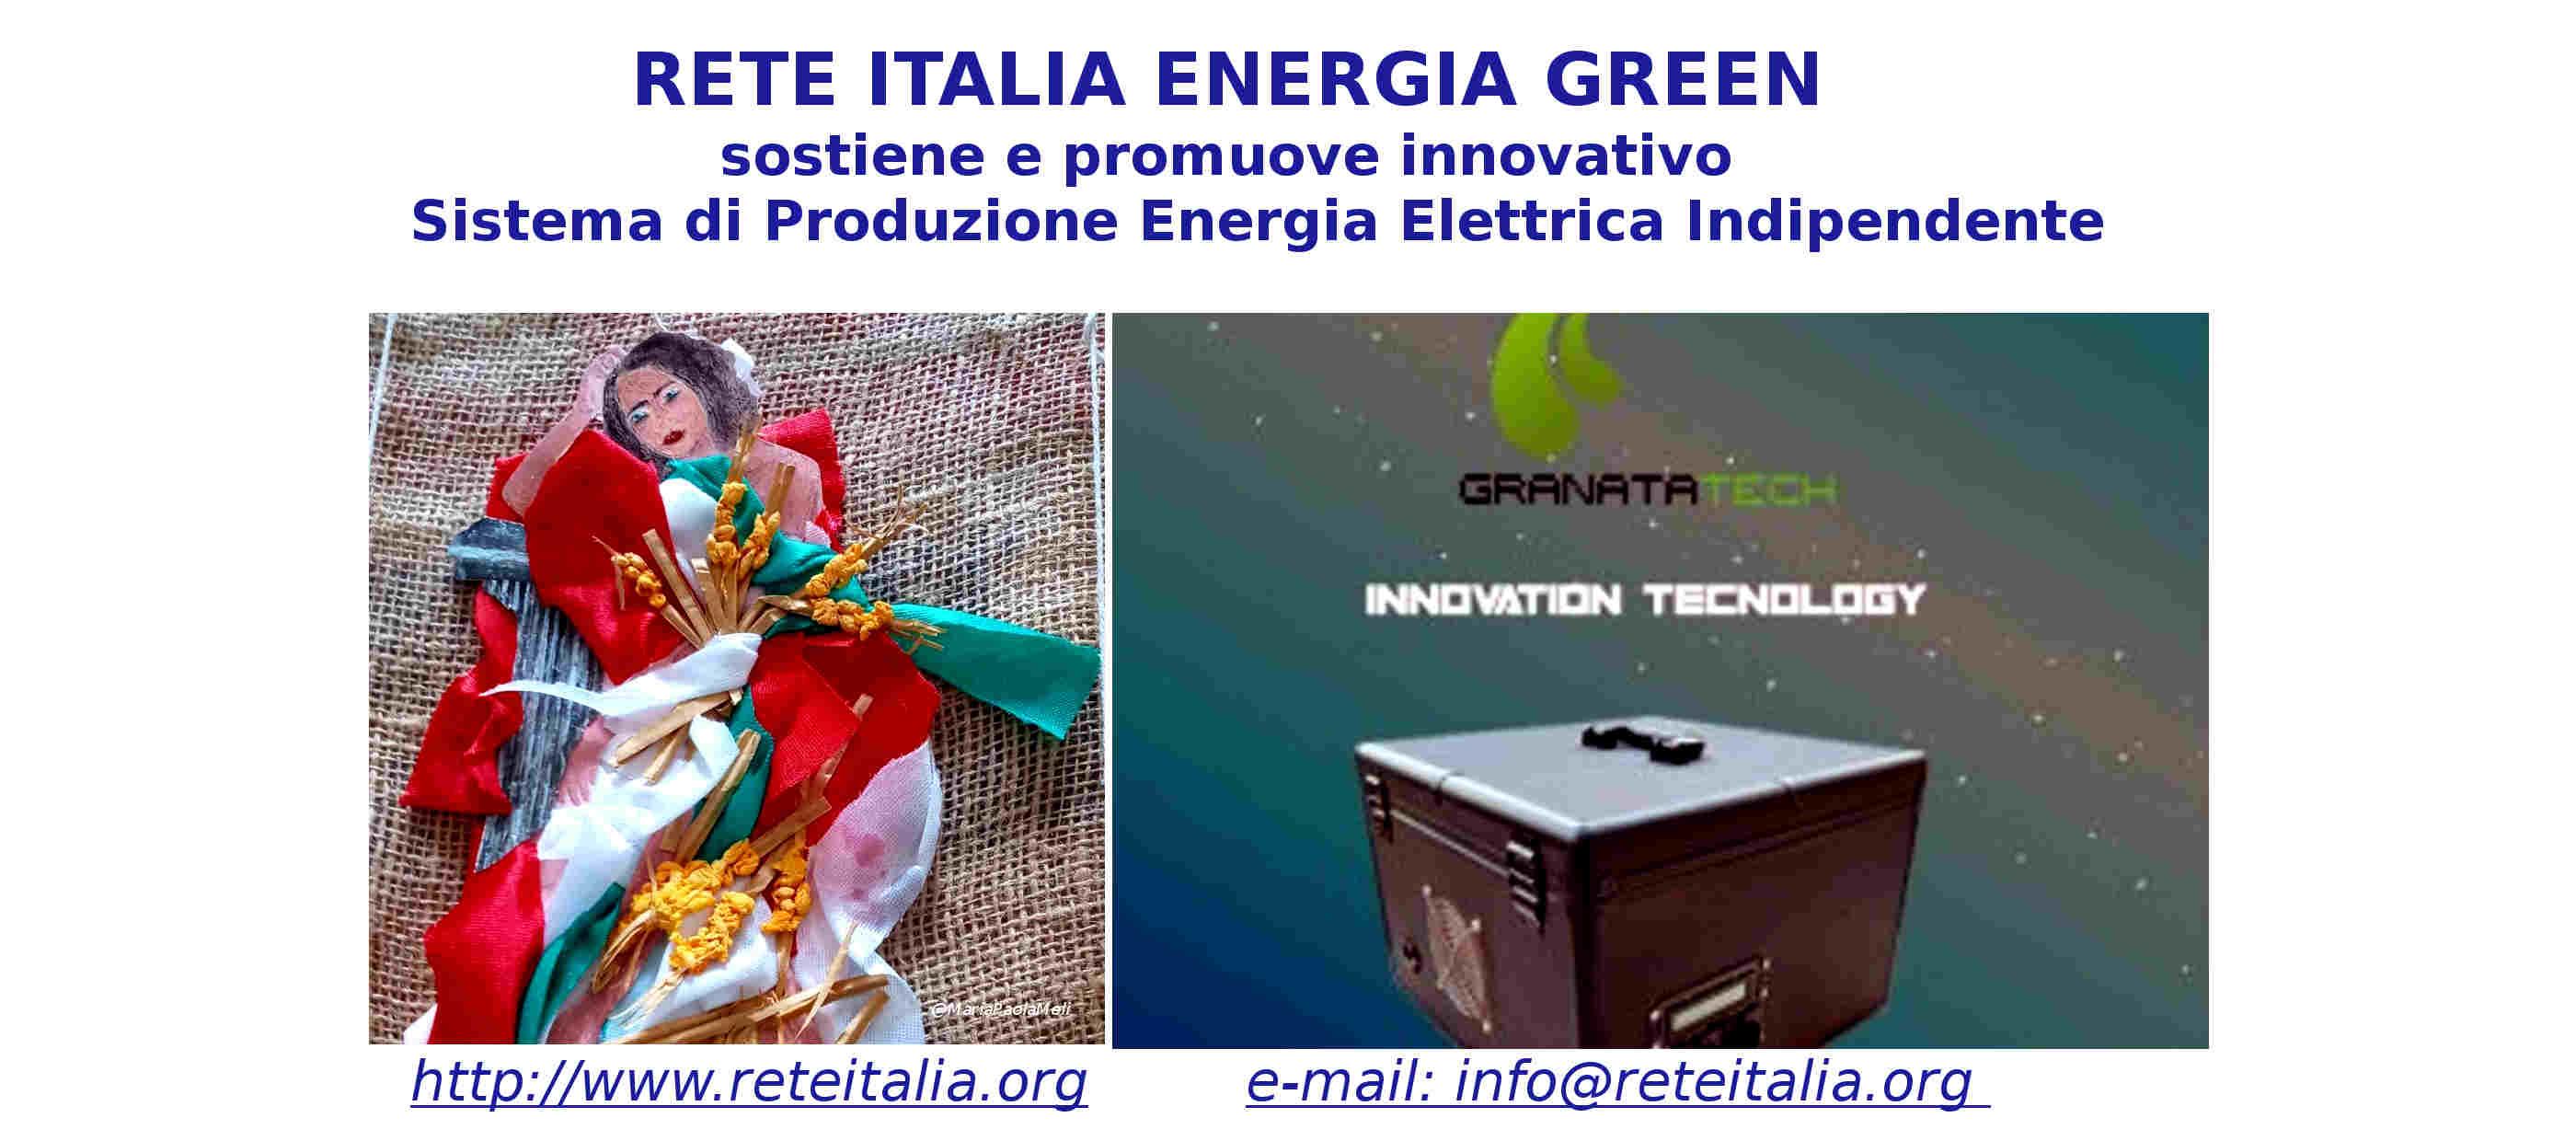 RETE ITALIA ENERGIA GREEN migliora la qualità della vita delle persone tramite corrente elettrica green, gratuita, continua, in casa come in azienda, azzerando il costo dell'energia